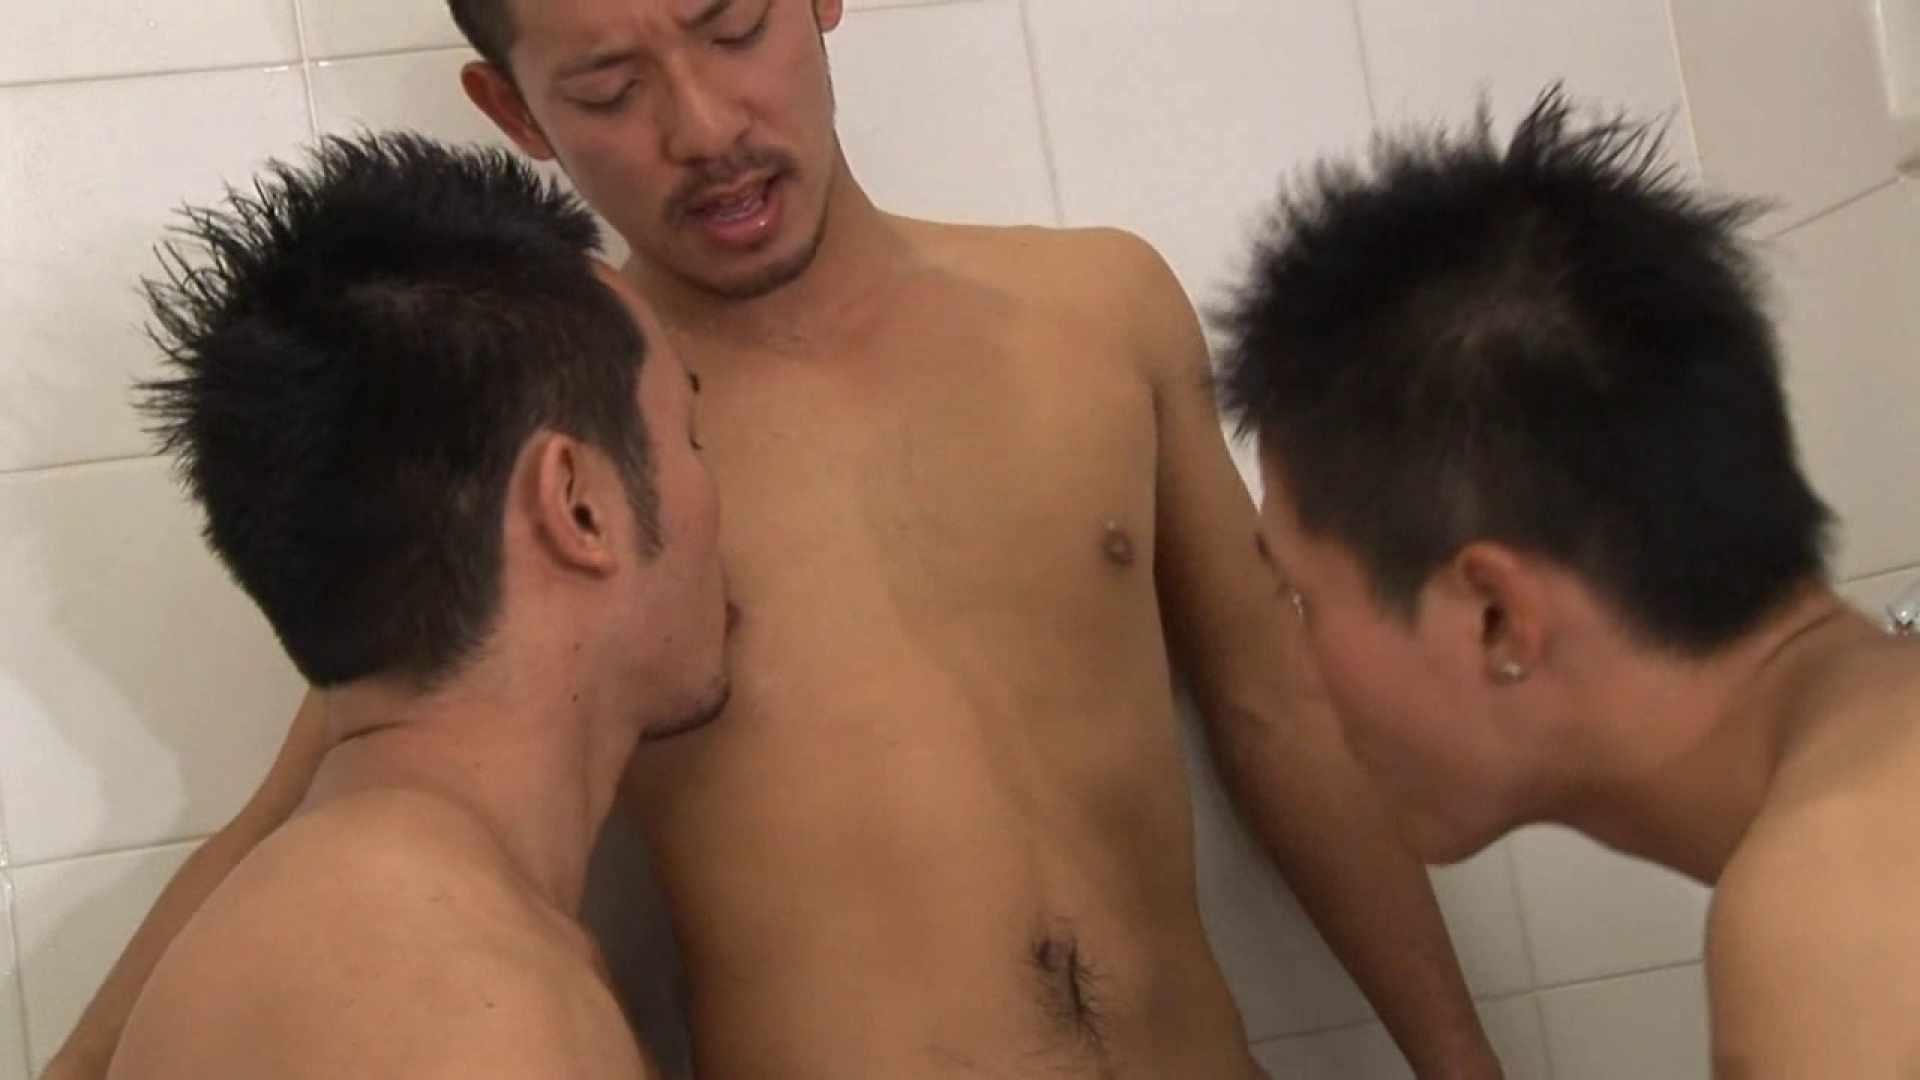 掘って掘ってまた掘って!! No.01 フェラ男子 ゲイ無料エロ画像 103連発 3